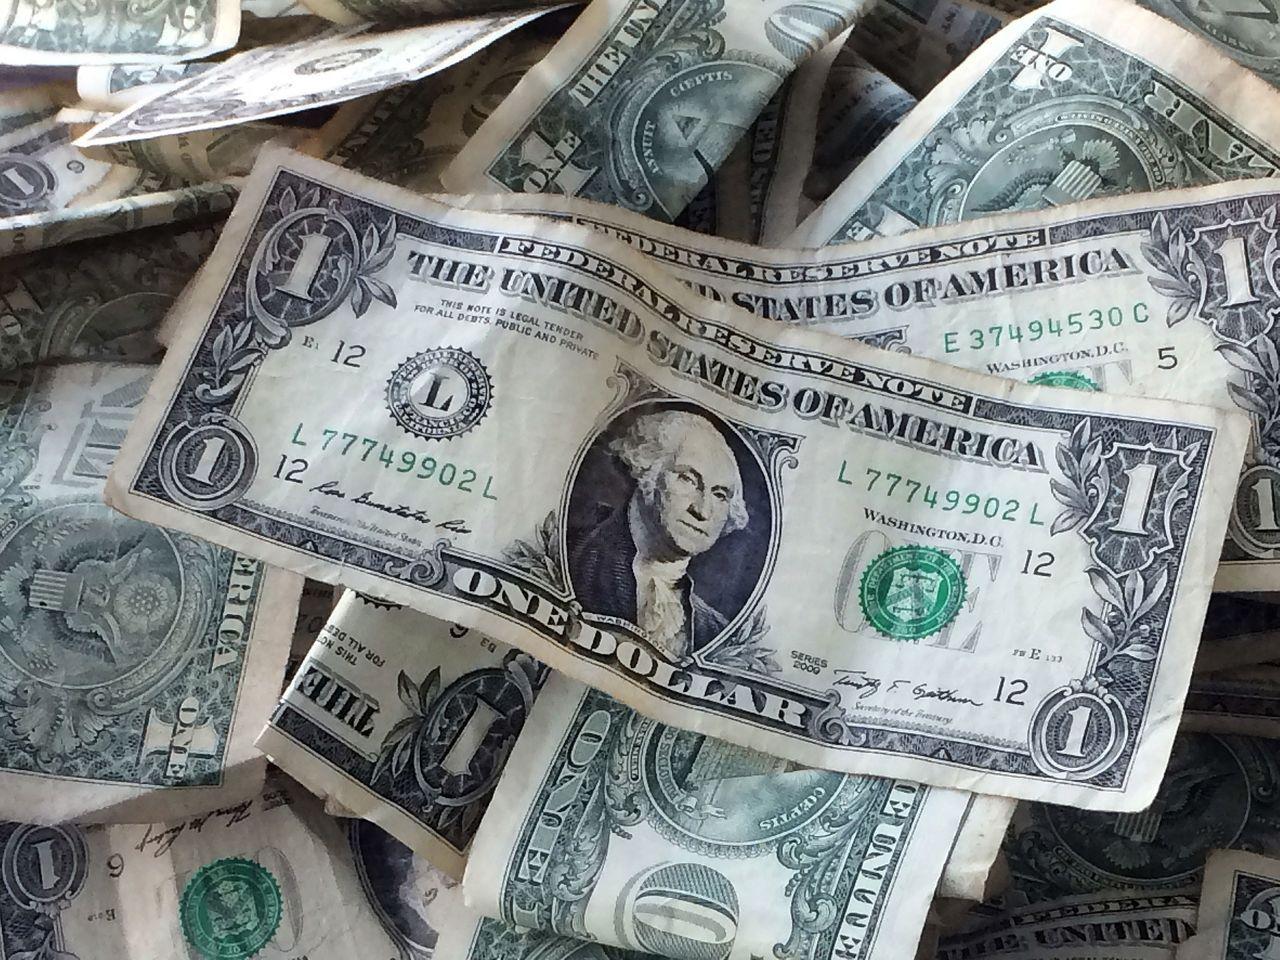 美國經濟已現疲態,為何美元仍上漲、失業創新低?這和全球大環境以及美國就業結構有關...